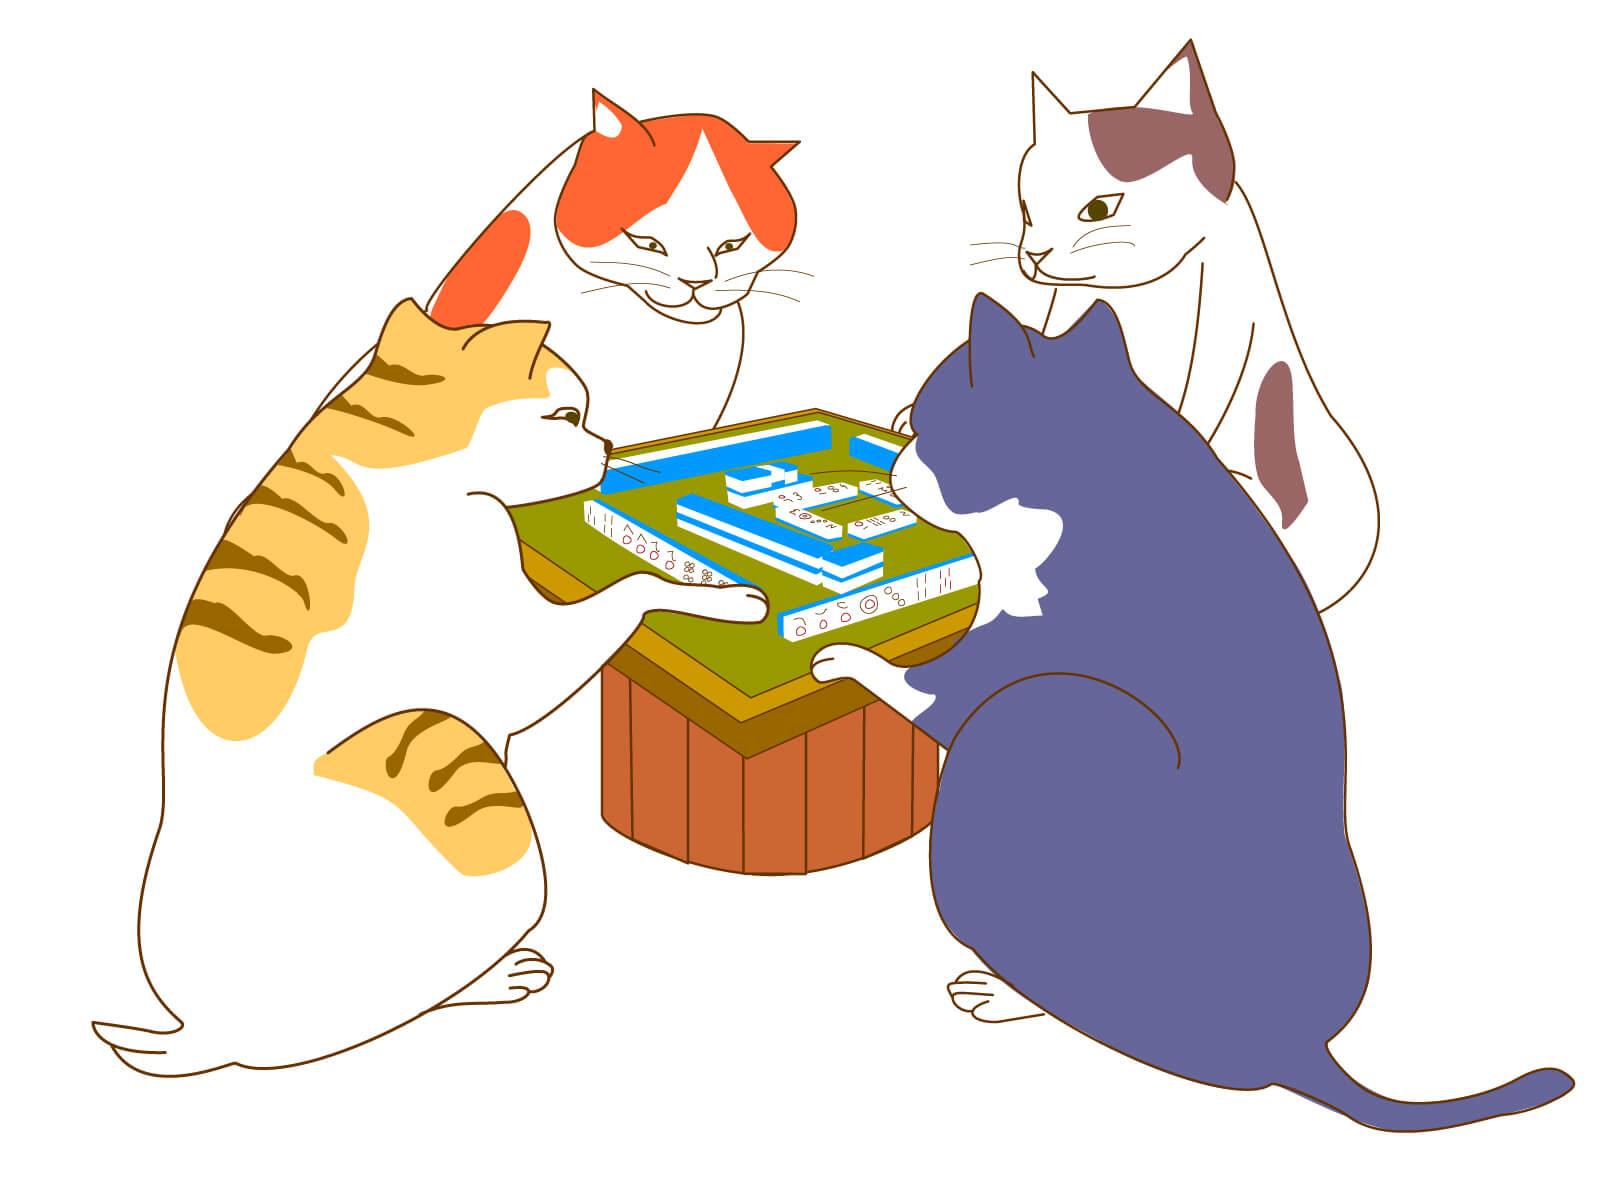 【ツモォォォ!】人気のおすすめ麻雀ゲームアプリ14選